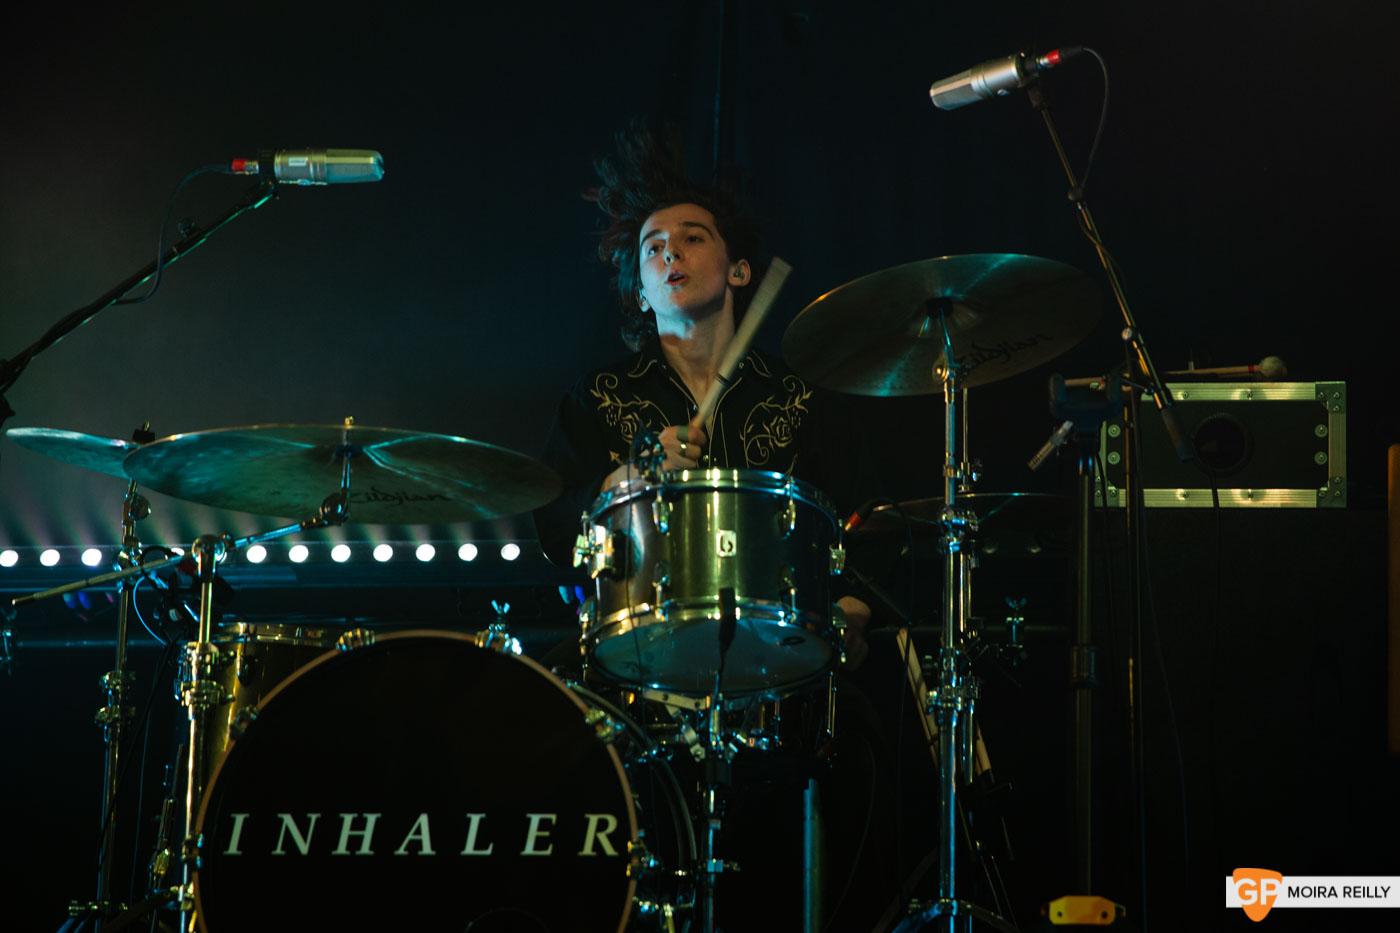 Inhaler_15Feb20_AcademyManchester_MoiraReilly-9